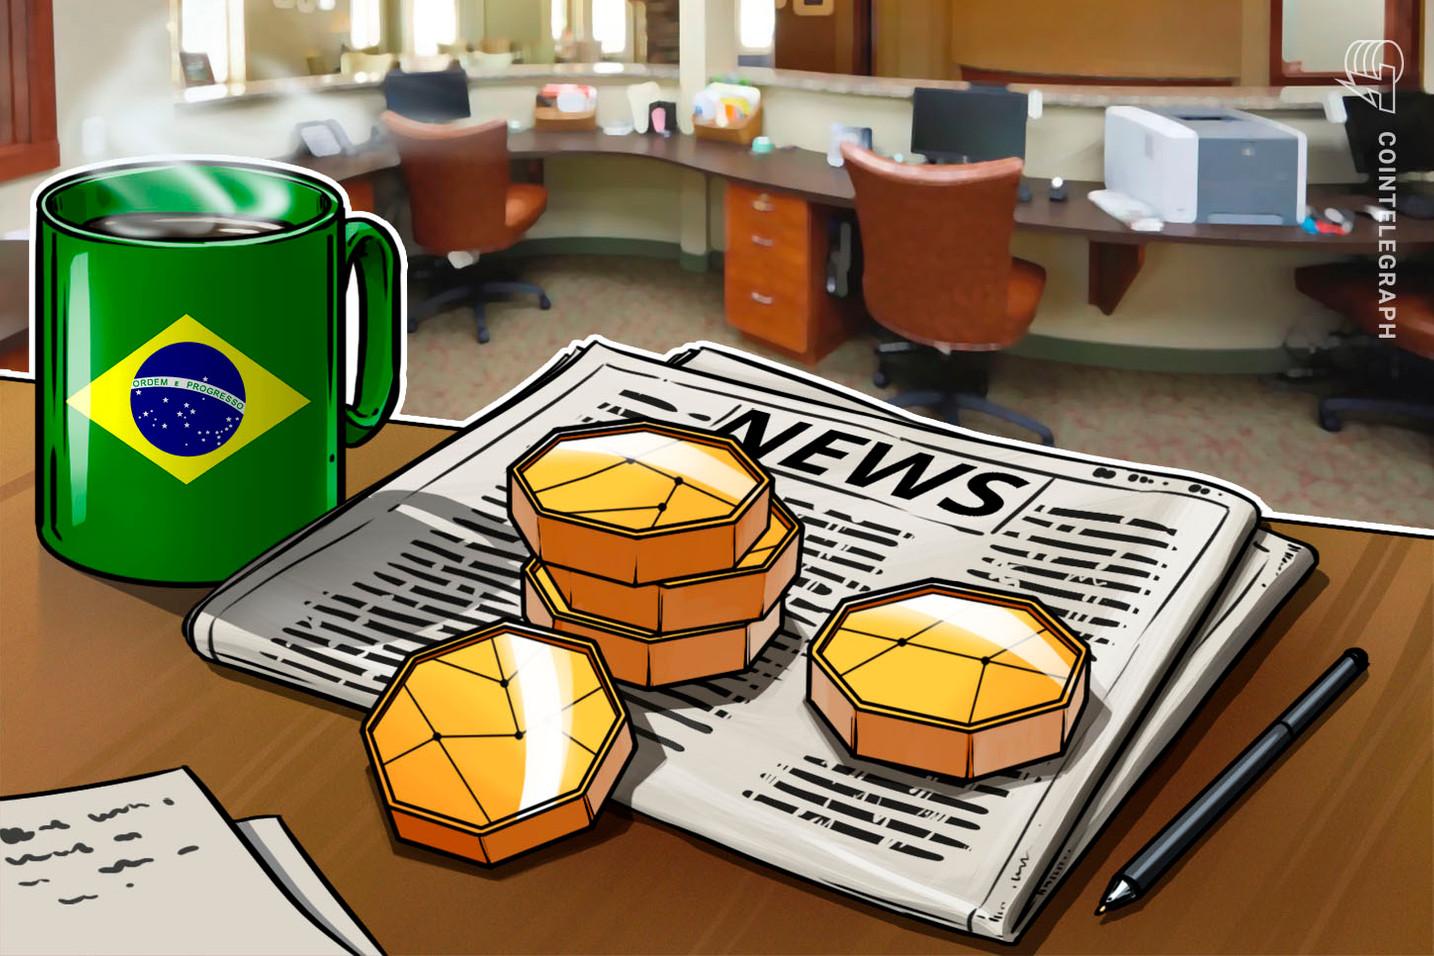 Atlas Quantum plataforma de Bitcoin, afirma oficialmente que pagará clientes até dia 21 de outubro